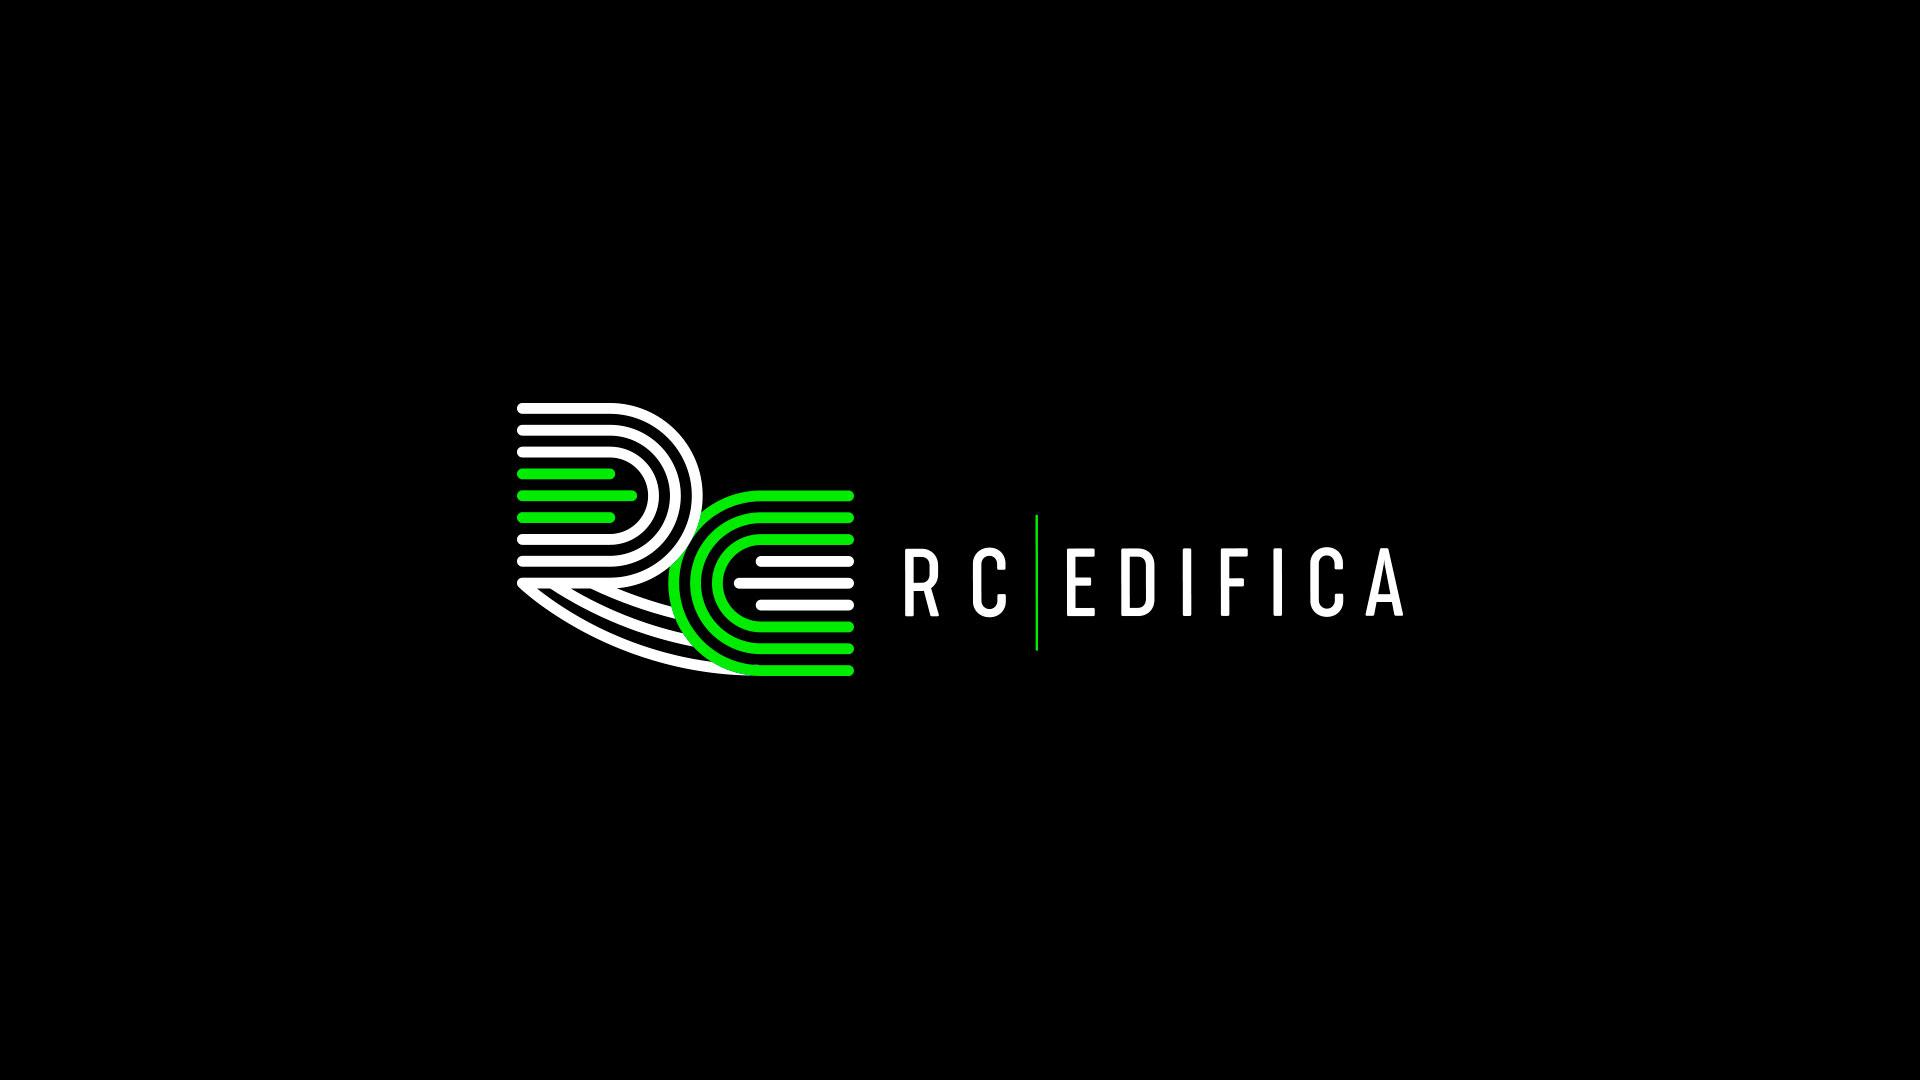 RC Edifica